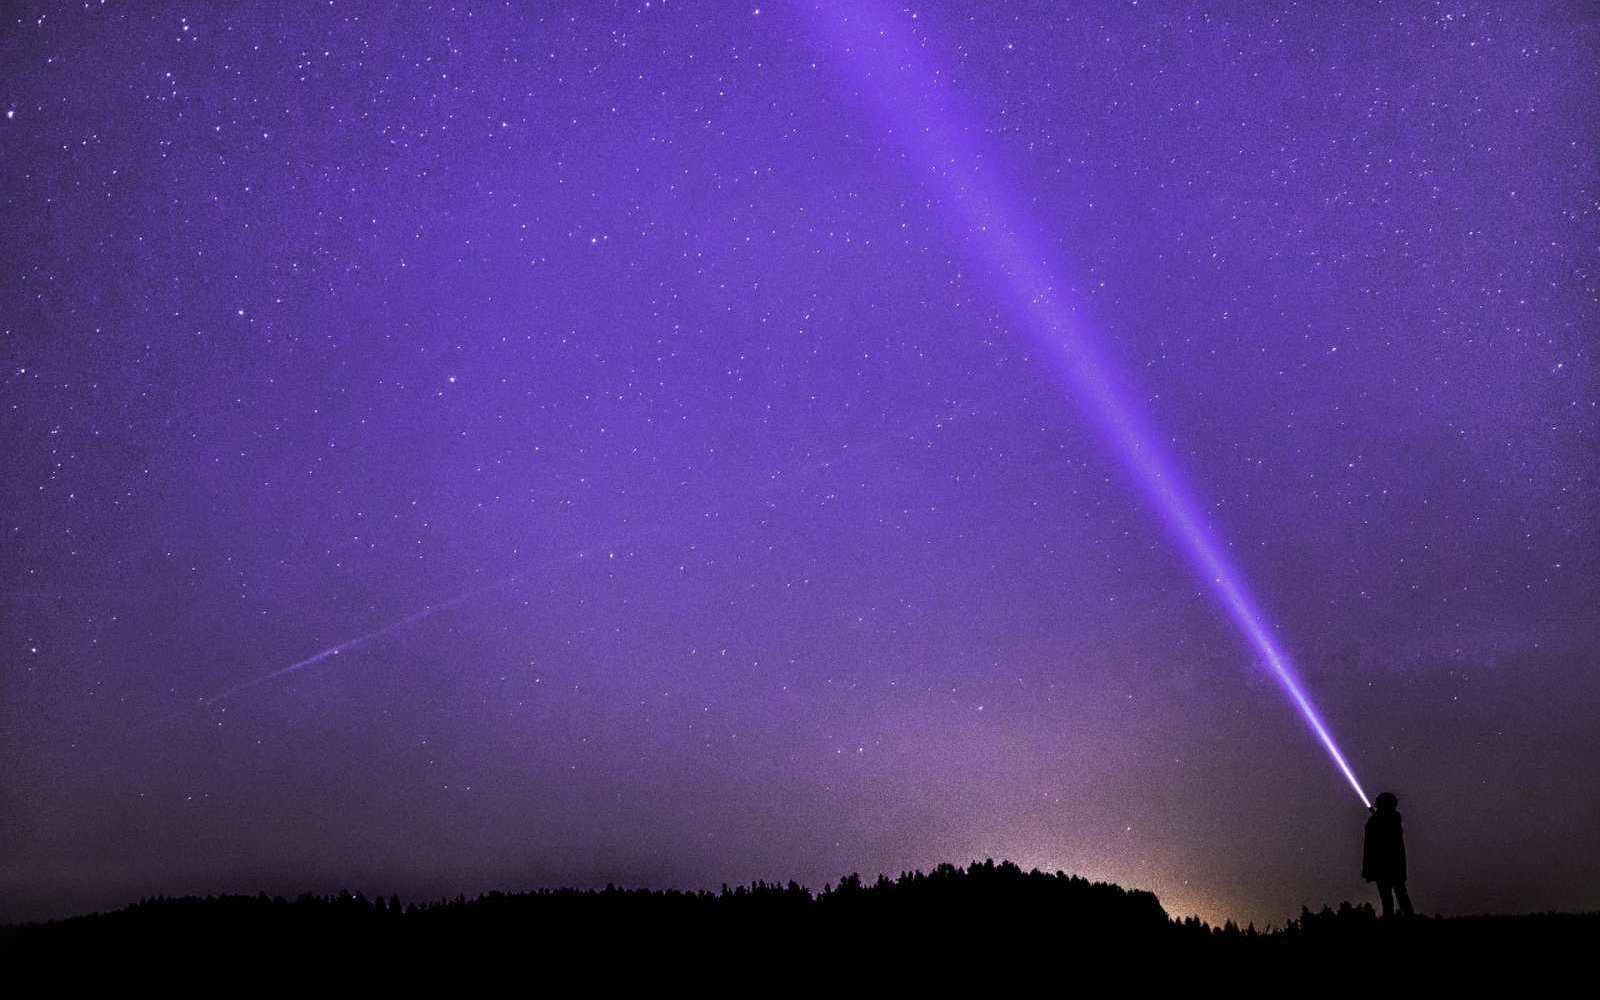 In klaren Nächten wird der Himmel fernab der hellen Stadt zum Galaxie-Schauspiel.